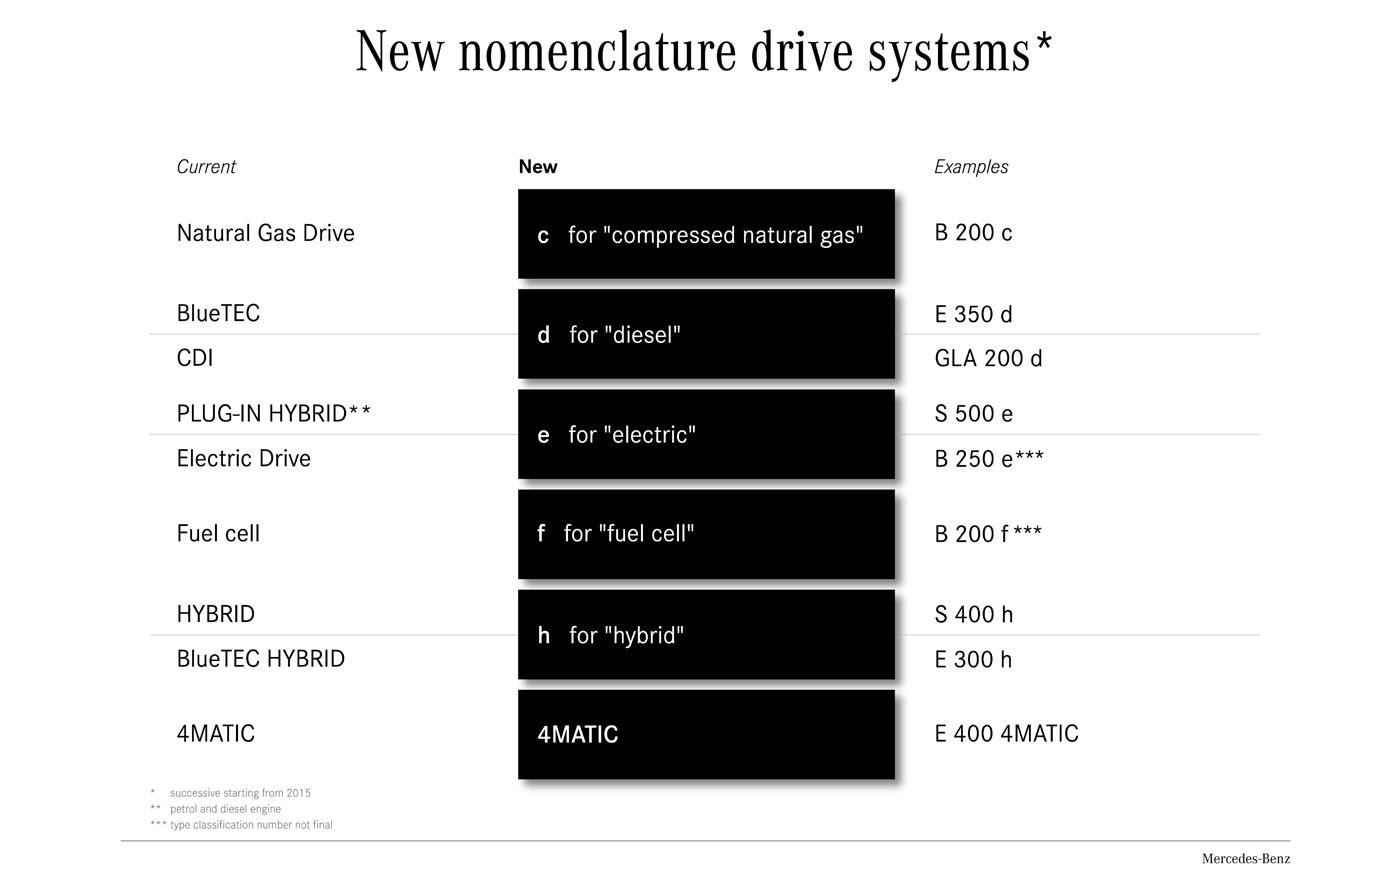 Mercedes-Benz naamgevingen